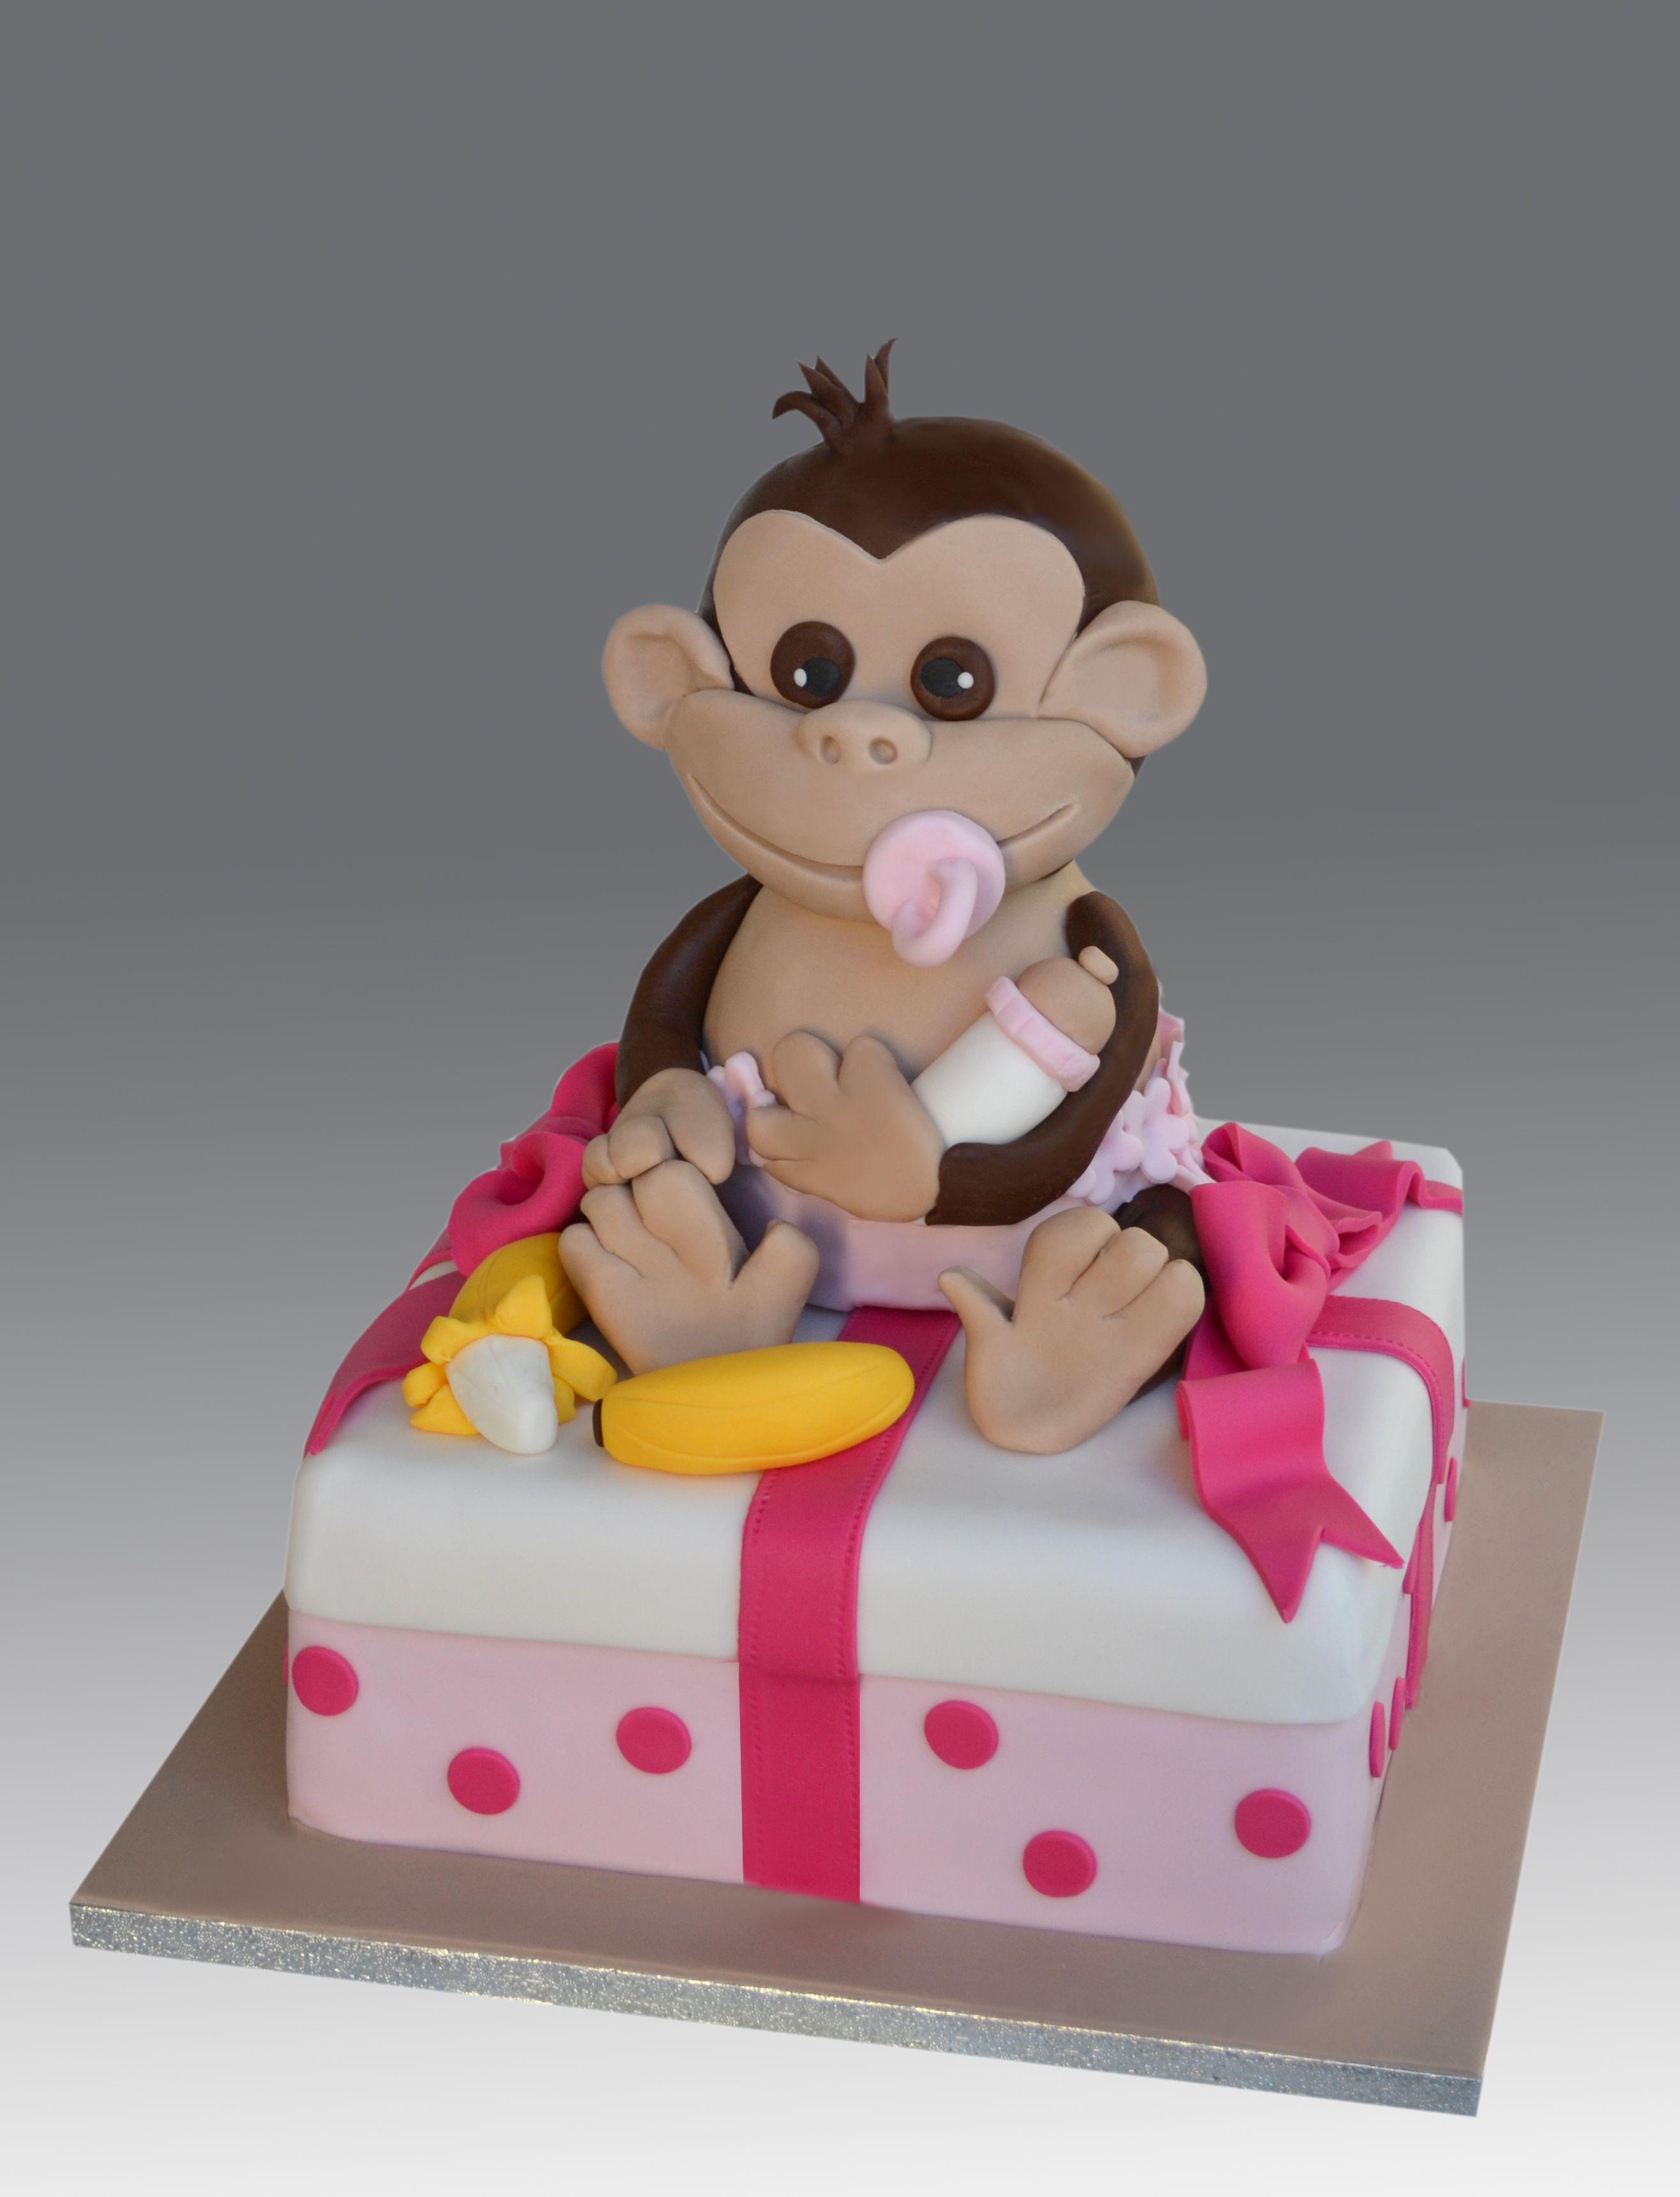 роддома торт с обезьянкой фото твоя тренировка